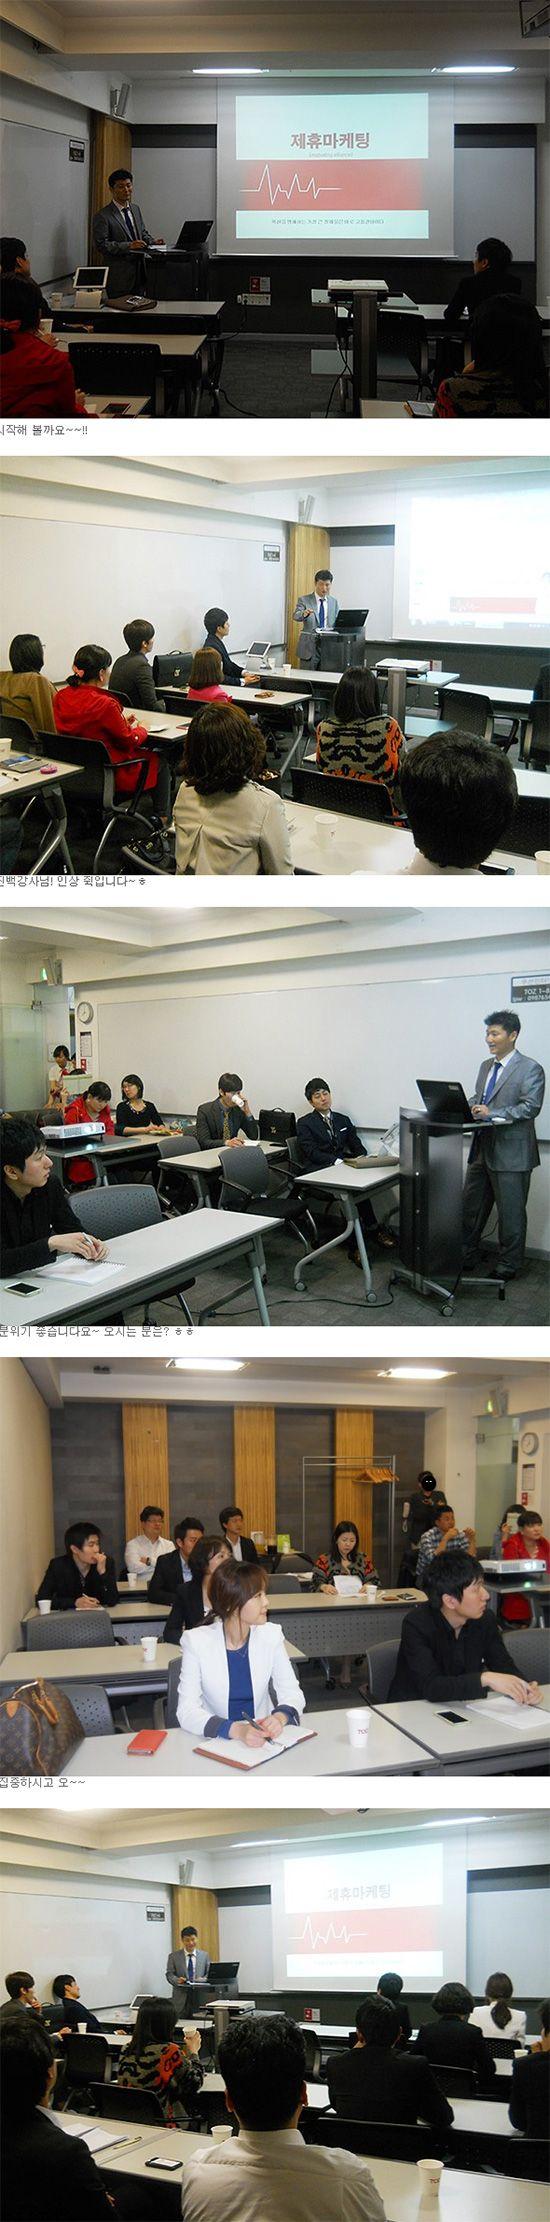 2013.05.03 재능나눔 - 이포치과 김진백실장